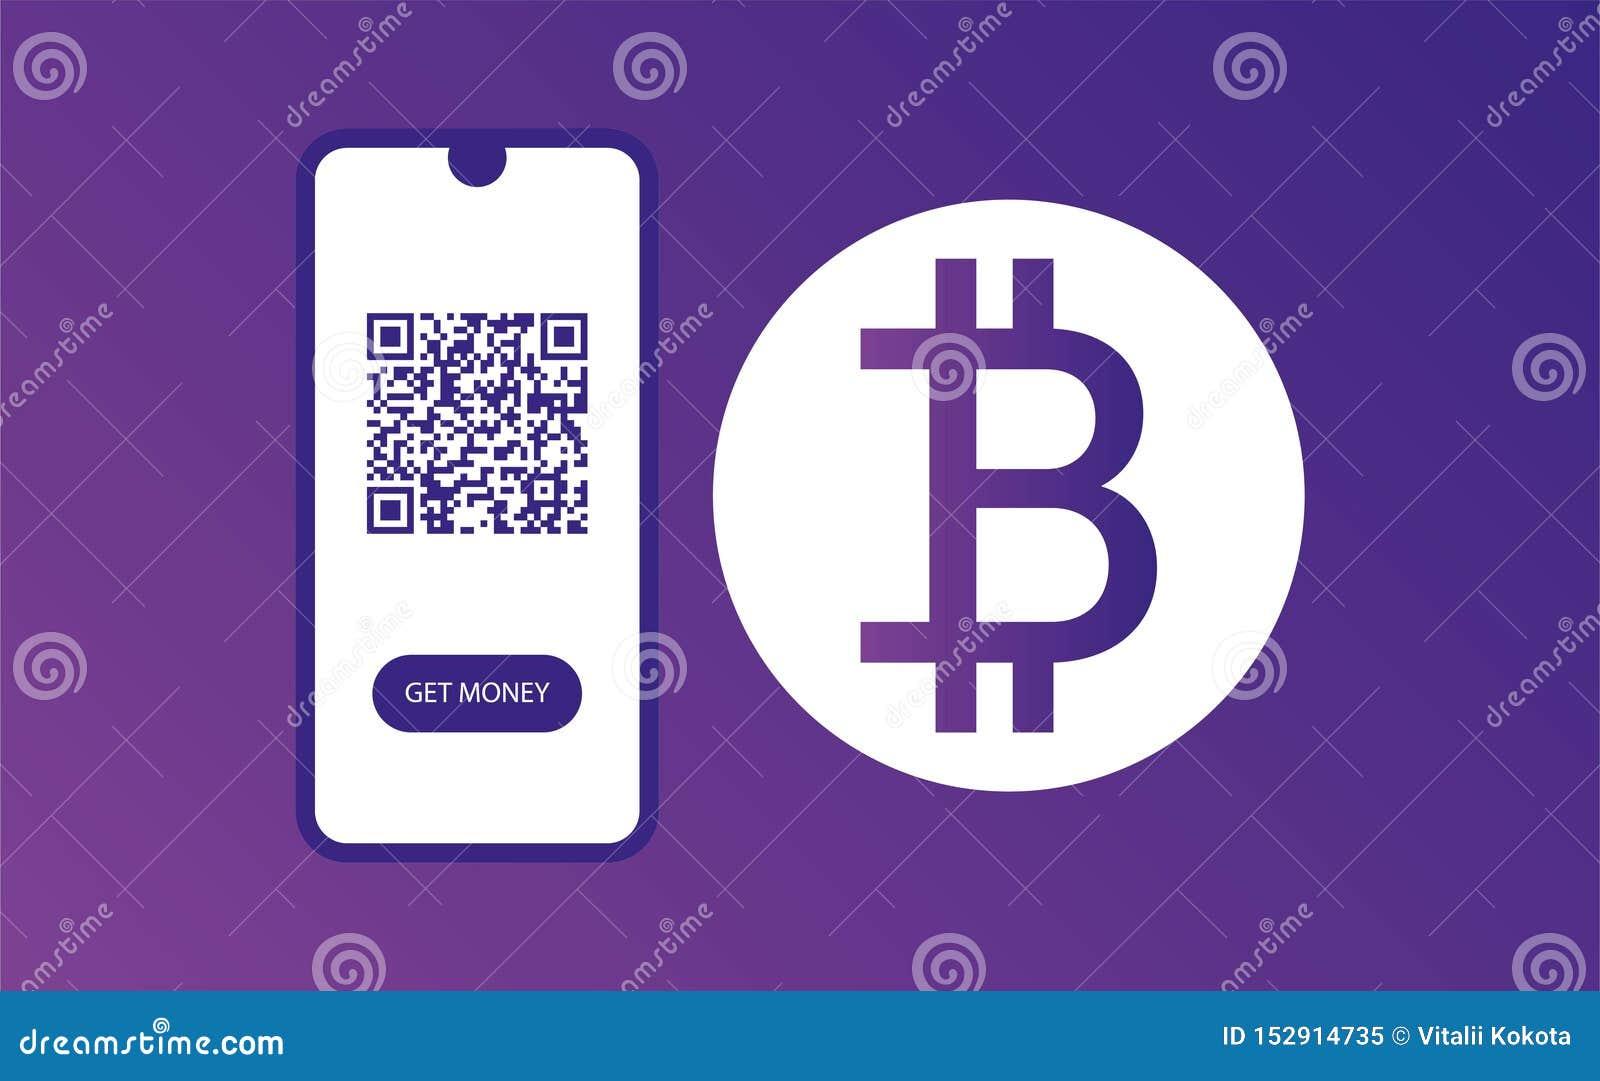 设计网页模板 现在扫描和得到金钱 bitkoin设计 网横幅设计 颜色模板 ??